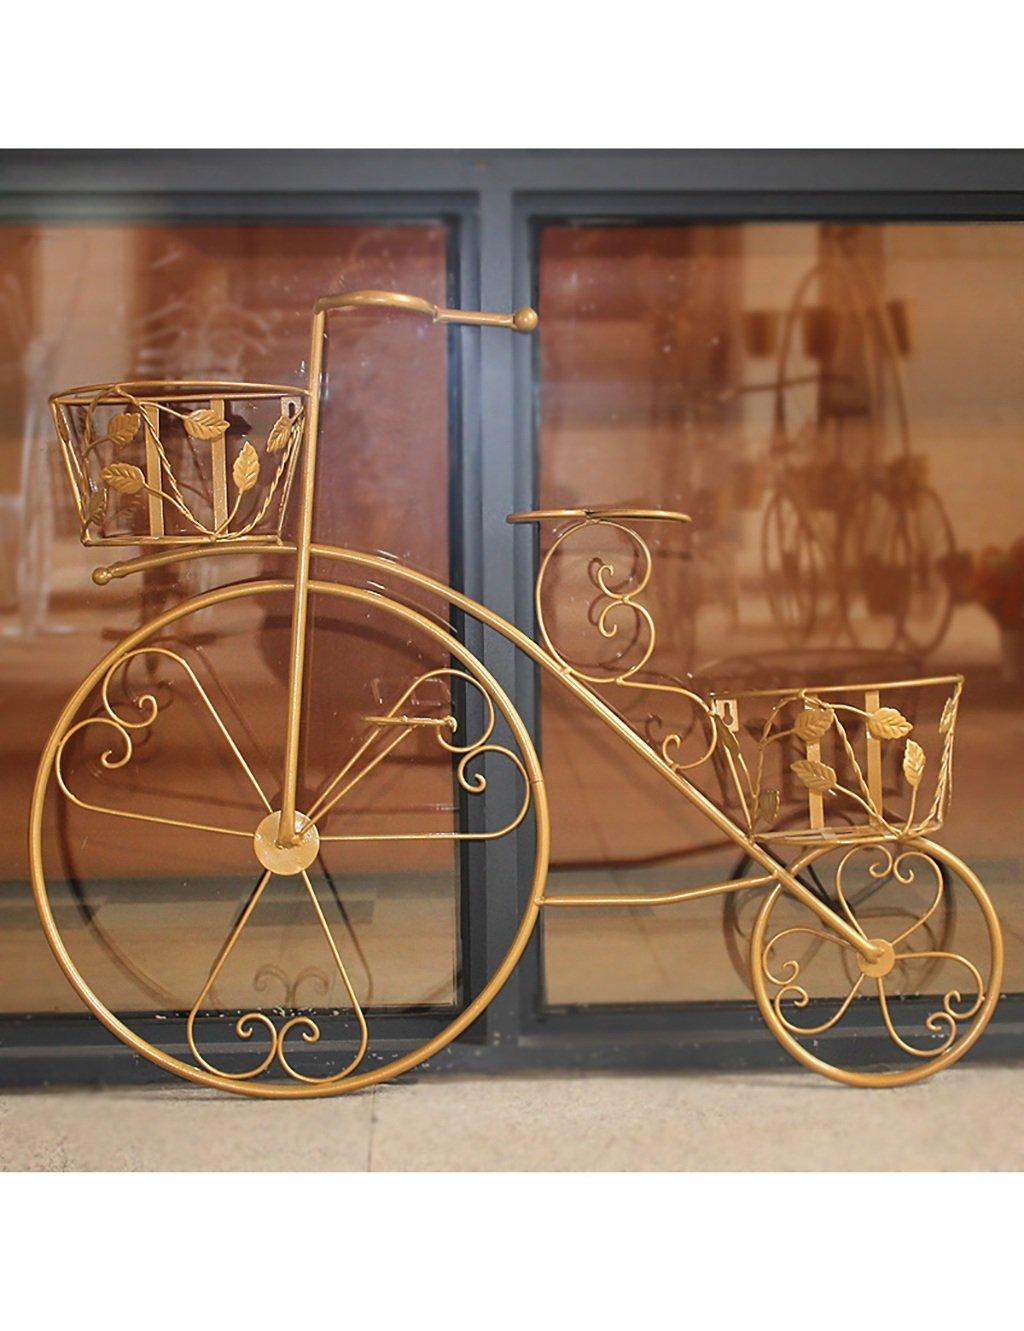 Kreative Eisen Multilayer Fahrrad Blumenständer Europäischen Stil Verstärkung fett Montage Blumenregal Balkon Boden Pflanzer Regal Einfache moderne Wohnzimmer Indoor Flower Rack (3 Styles verfügbar) ( farbe : C )